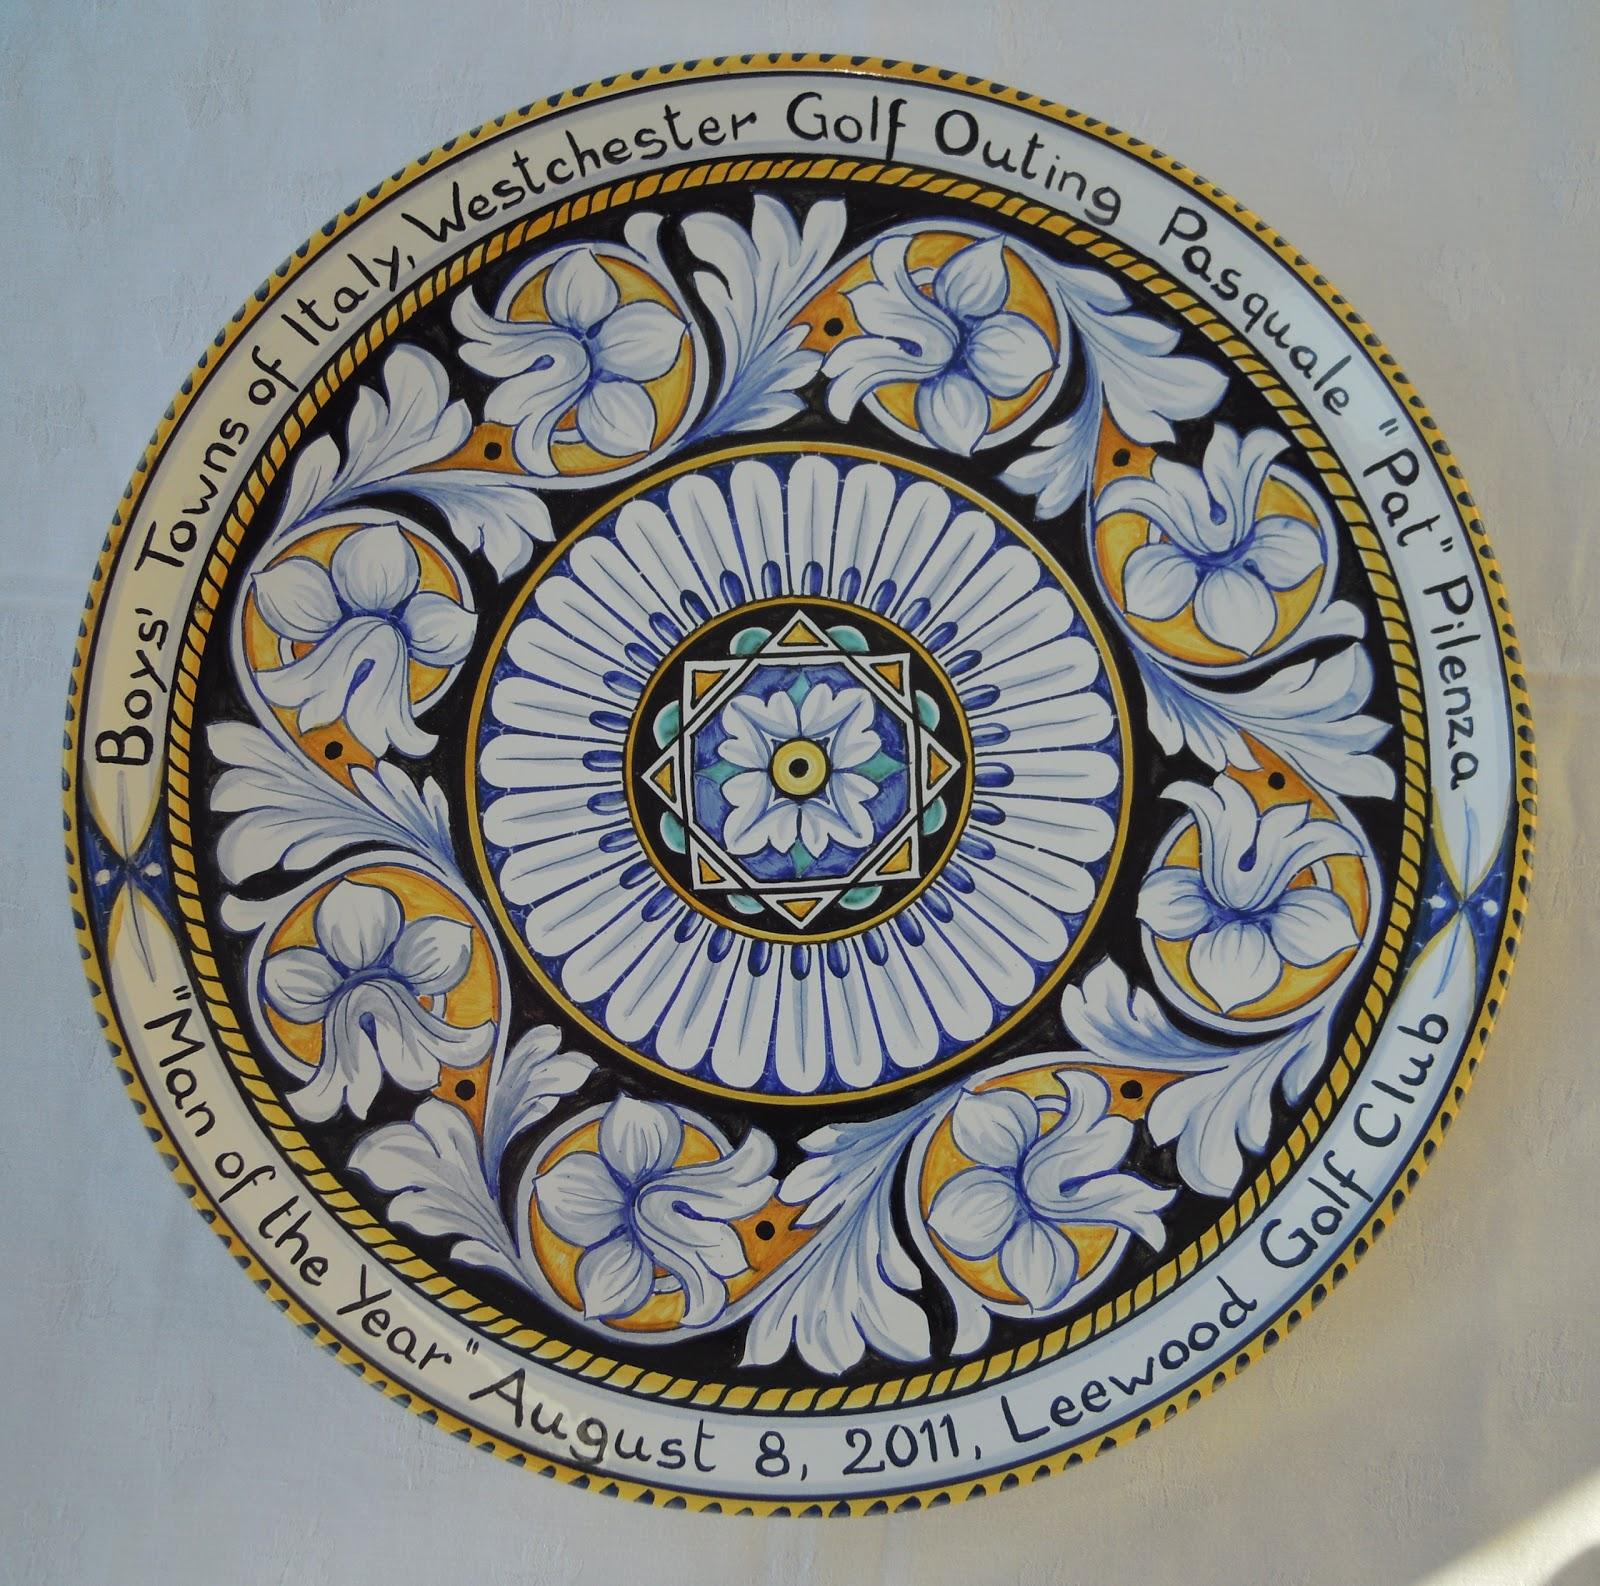 Ceramica come mestiere piatti decorativi ornati con motivi floreali e dedica sul bordo - Piatti decorativi ...